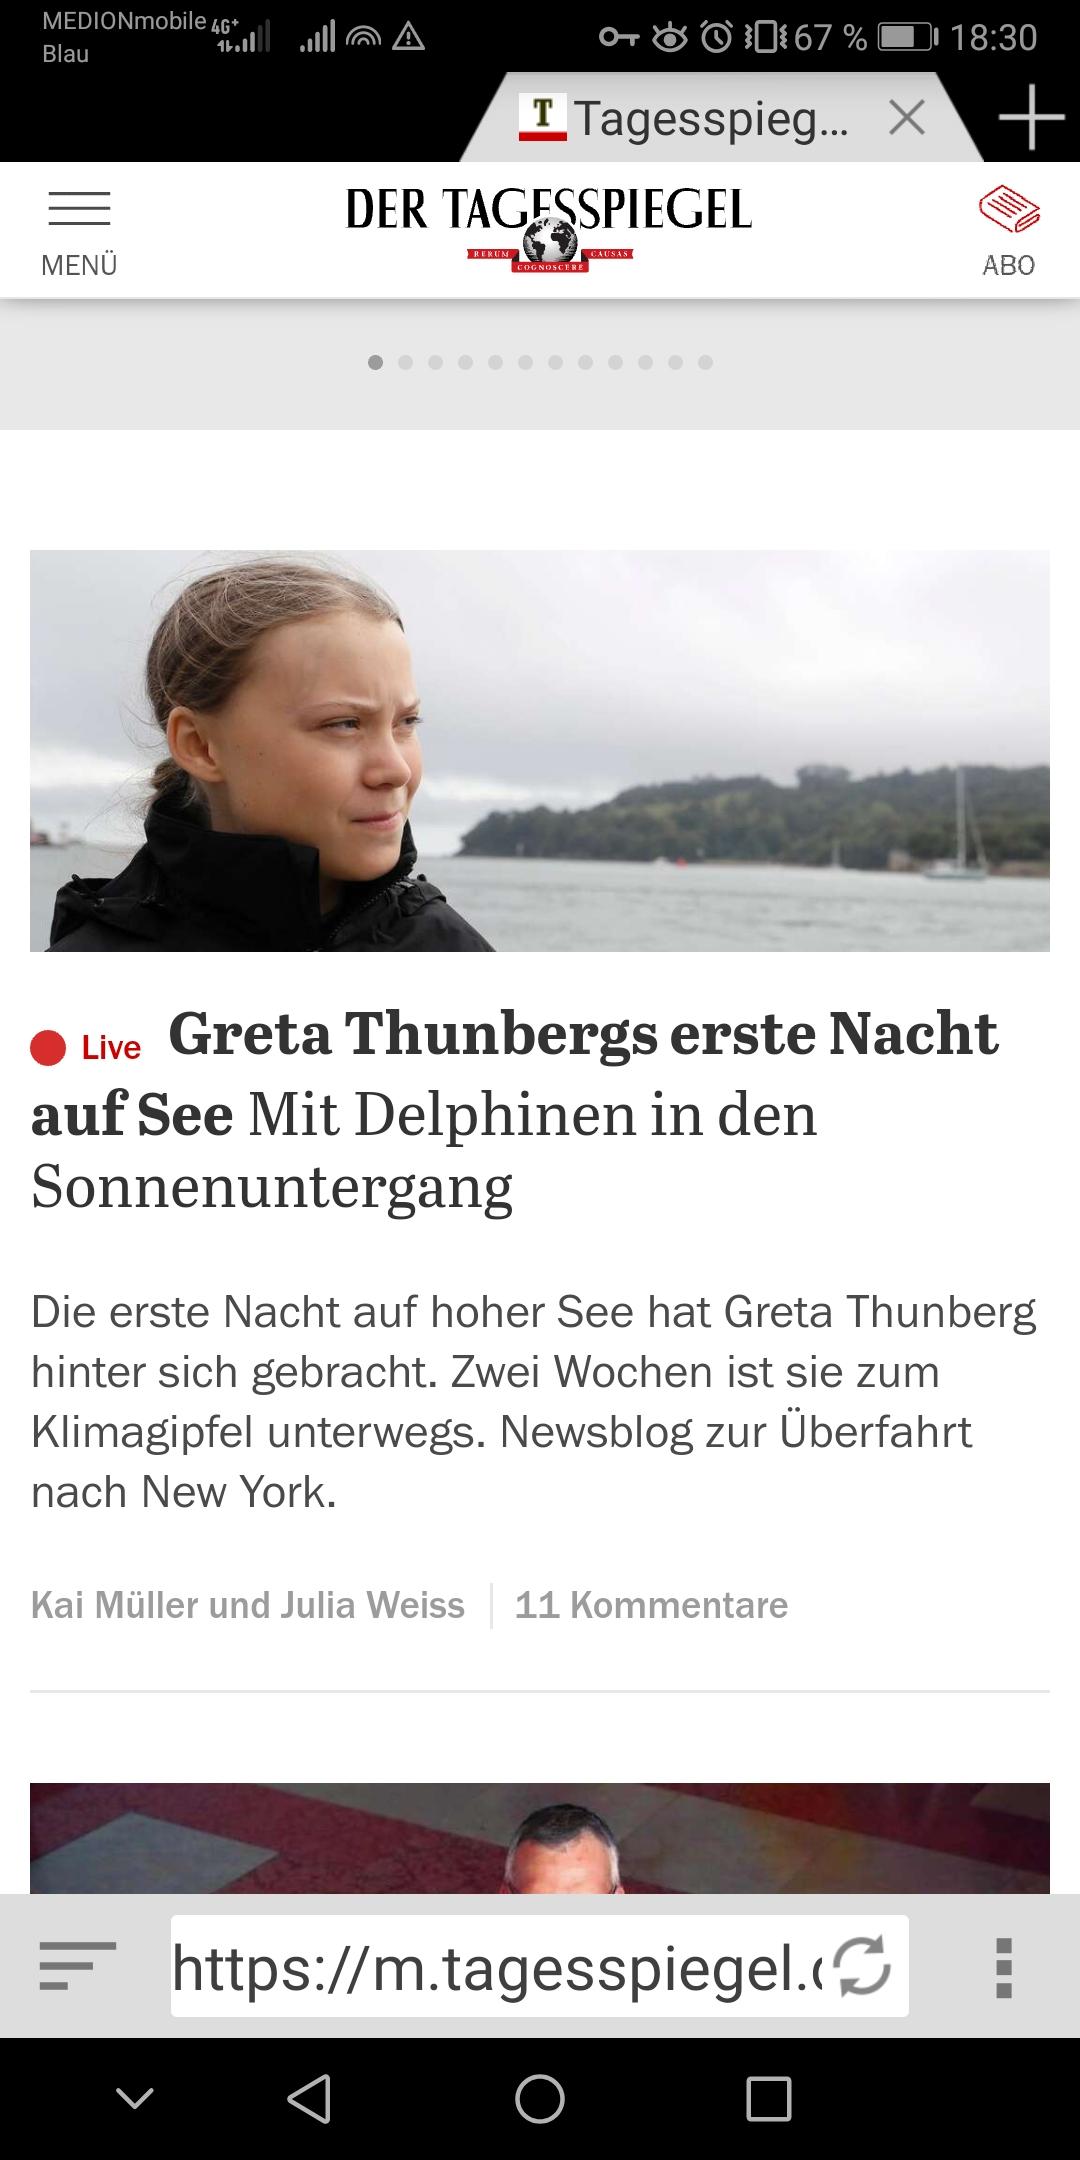 03-Screenshot_20190815_183010_vcam.dk_.DeutschNachrichtenZeitungen